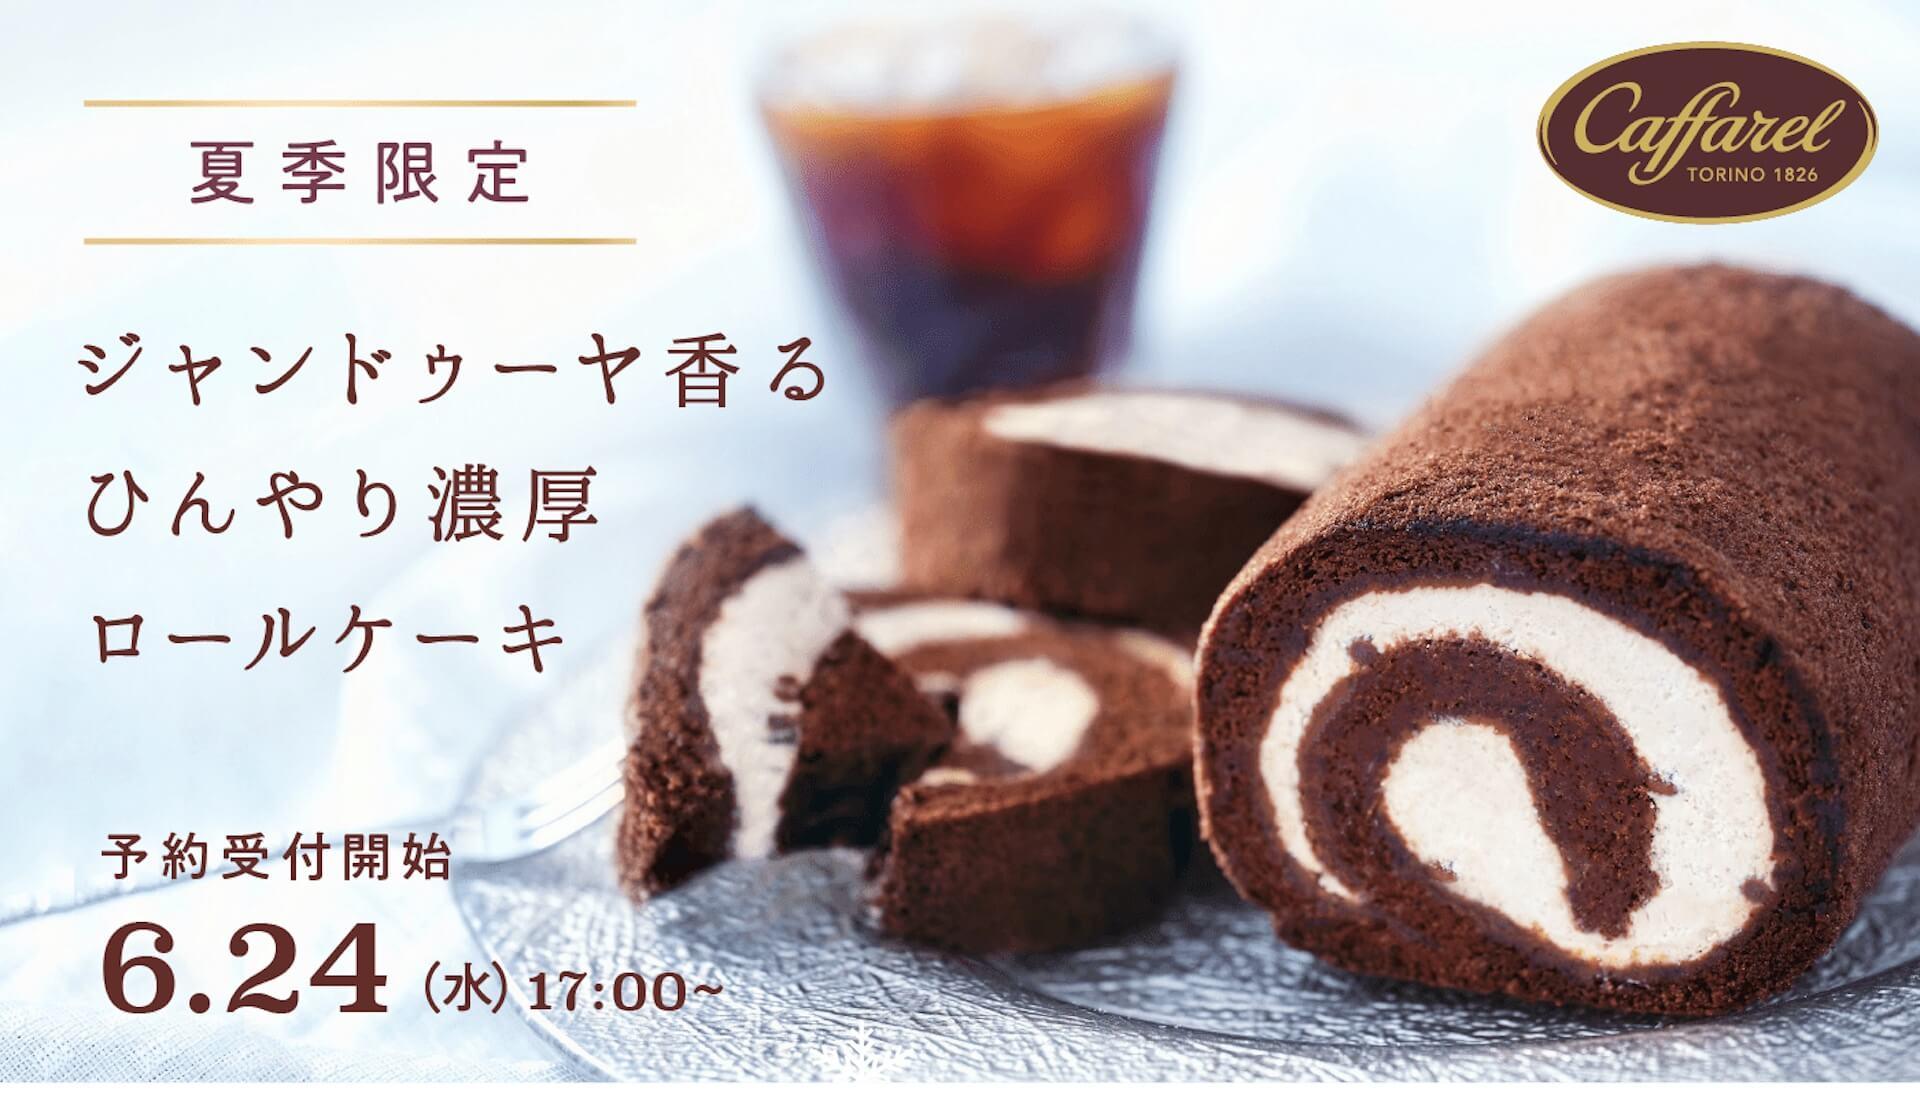 チョコアイスのような食感も楽しめるカファレルの『ジャンドゥーヤロールケーキ』がオンラインで期間・数量限定で登場! gourmet200624_caffarel_rollcake_01